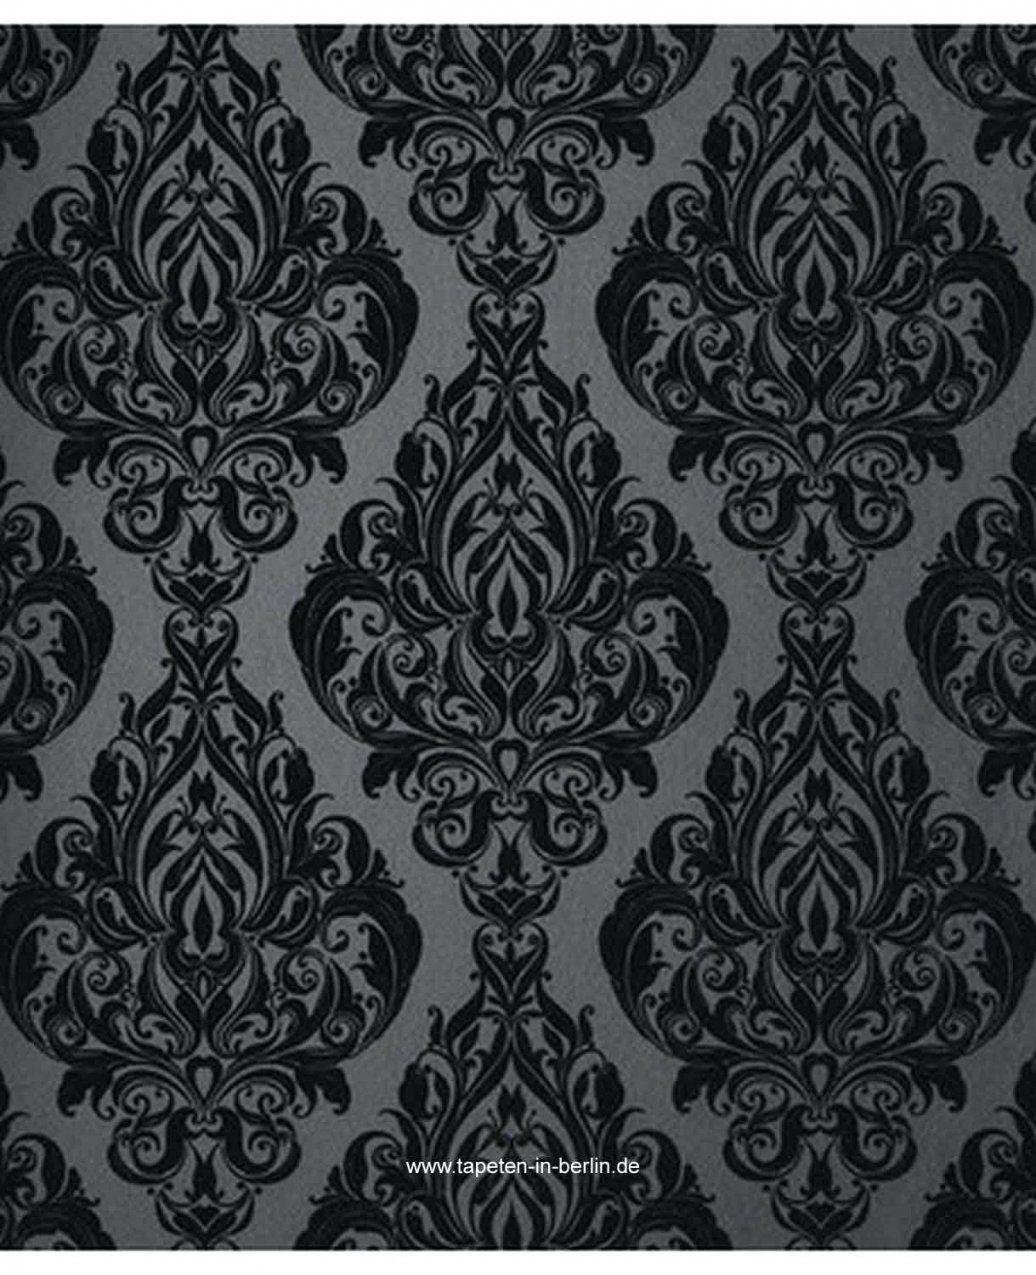 Mustertapete Schwarz 3459 Architektur Tapete Kirche Kathedrale Bagen von Schwarze Tapete Mit Muster Bild